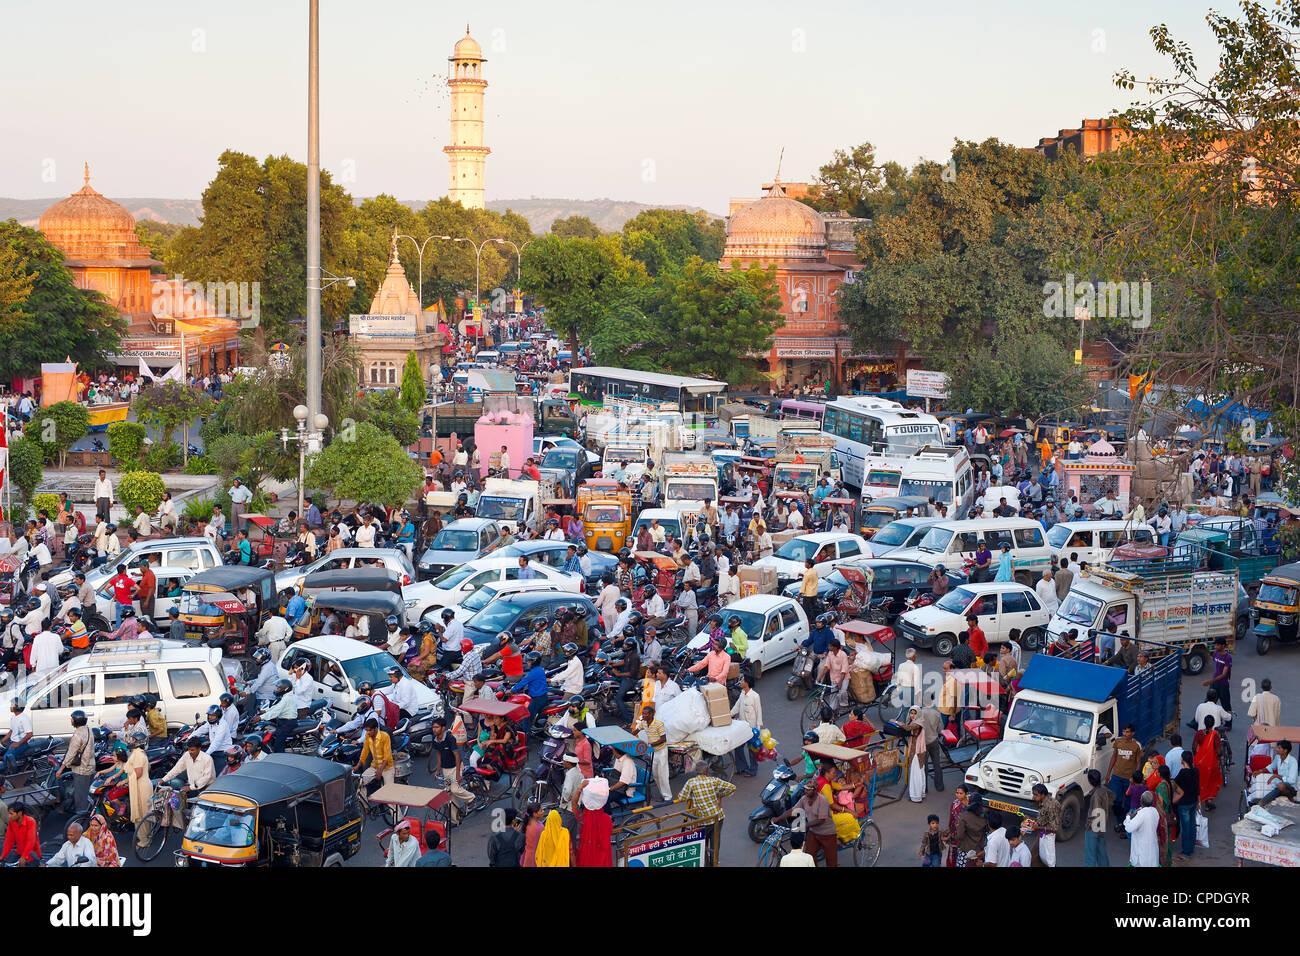 Verkehr Ansammlung und Straße leben in der Stadt Jaipur, Rajasthan, Indien, Asien Stockbild